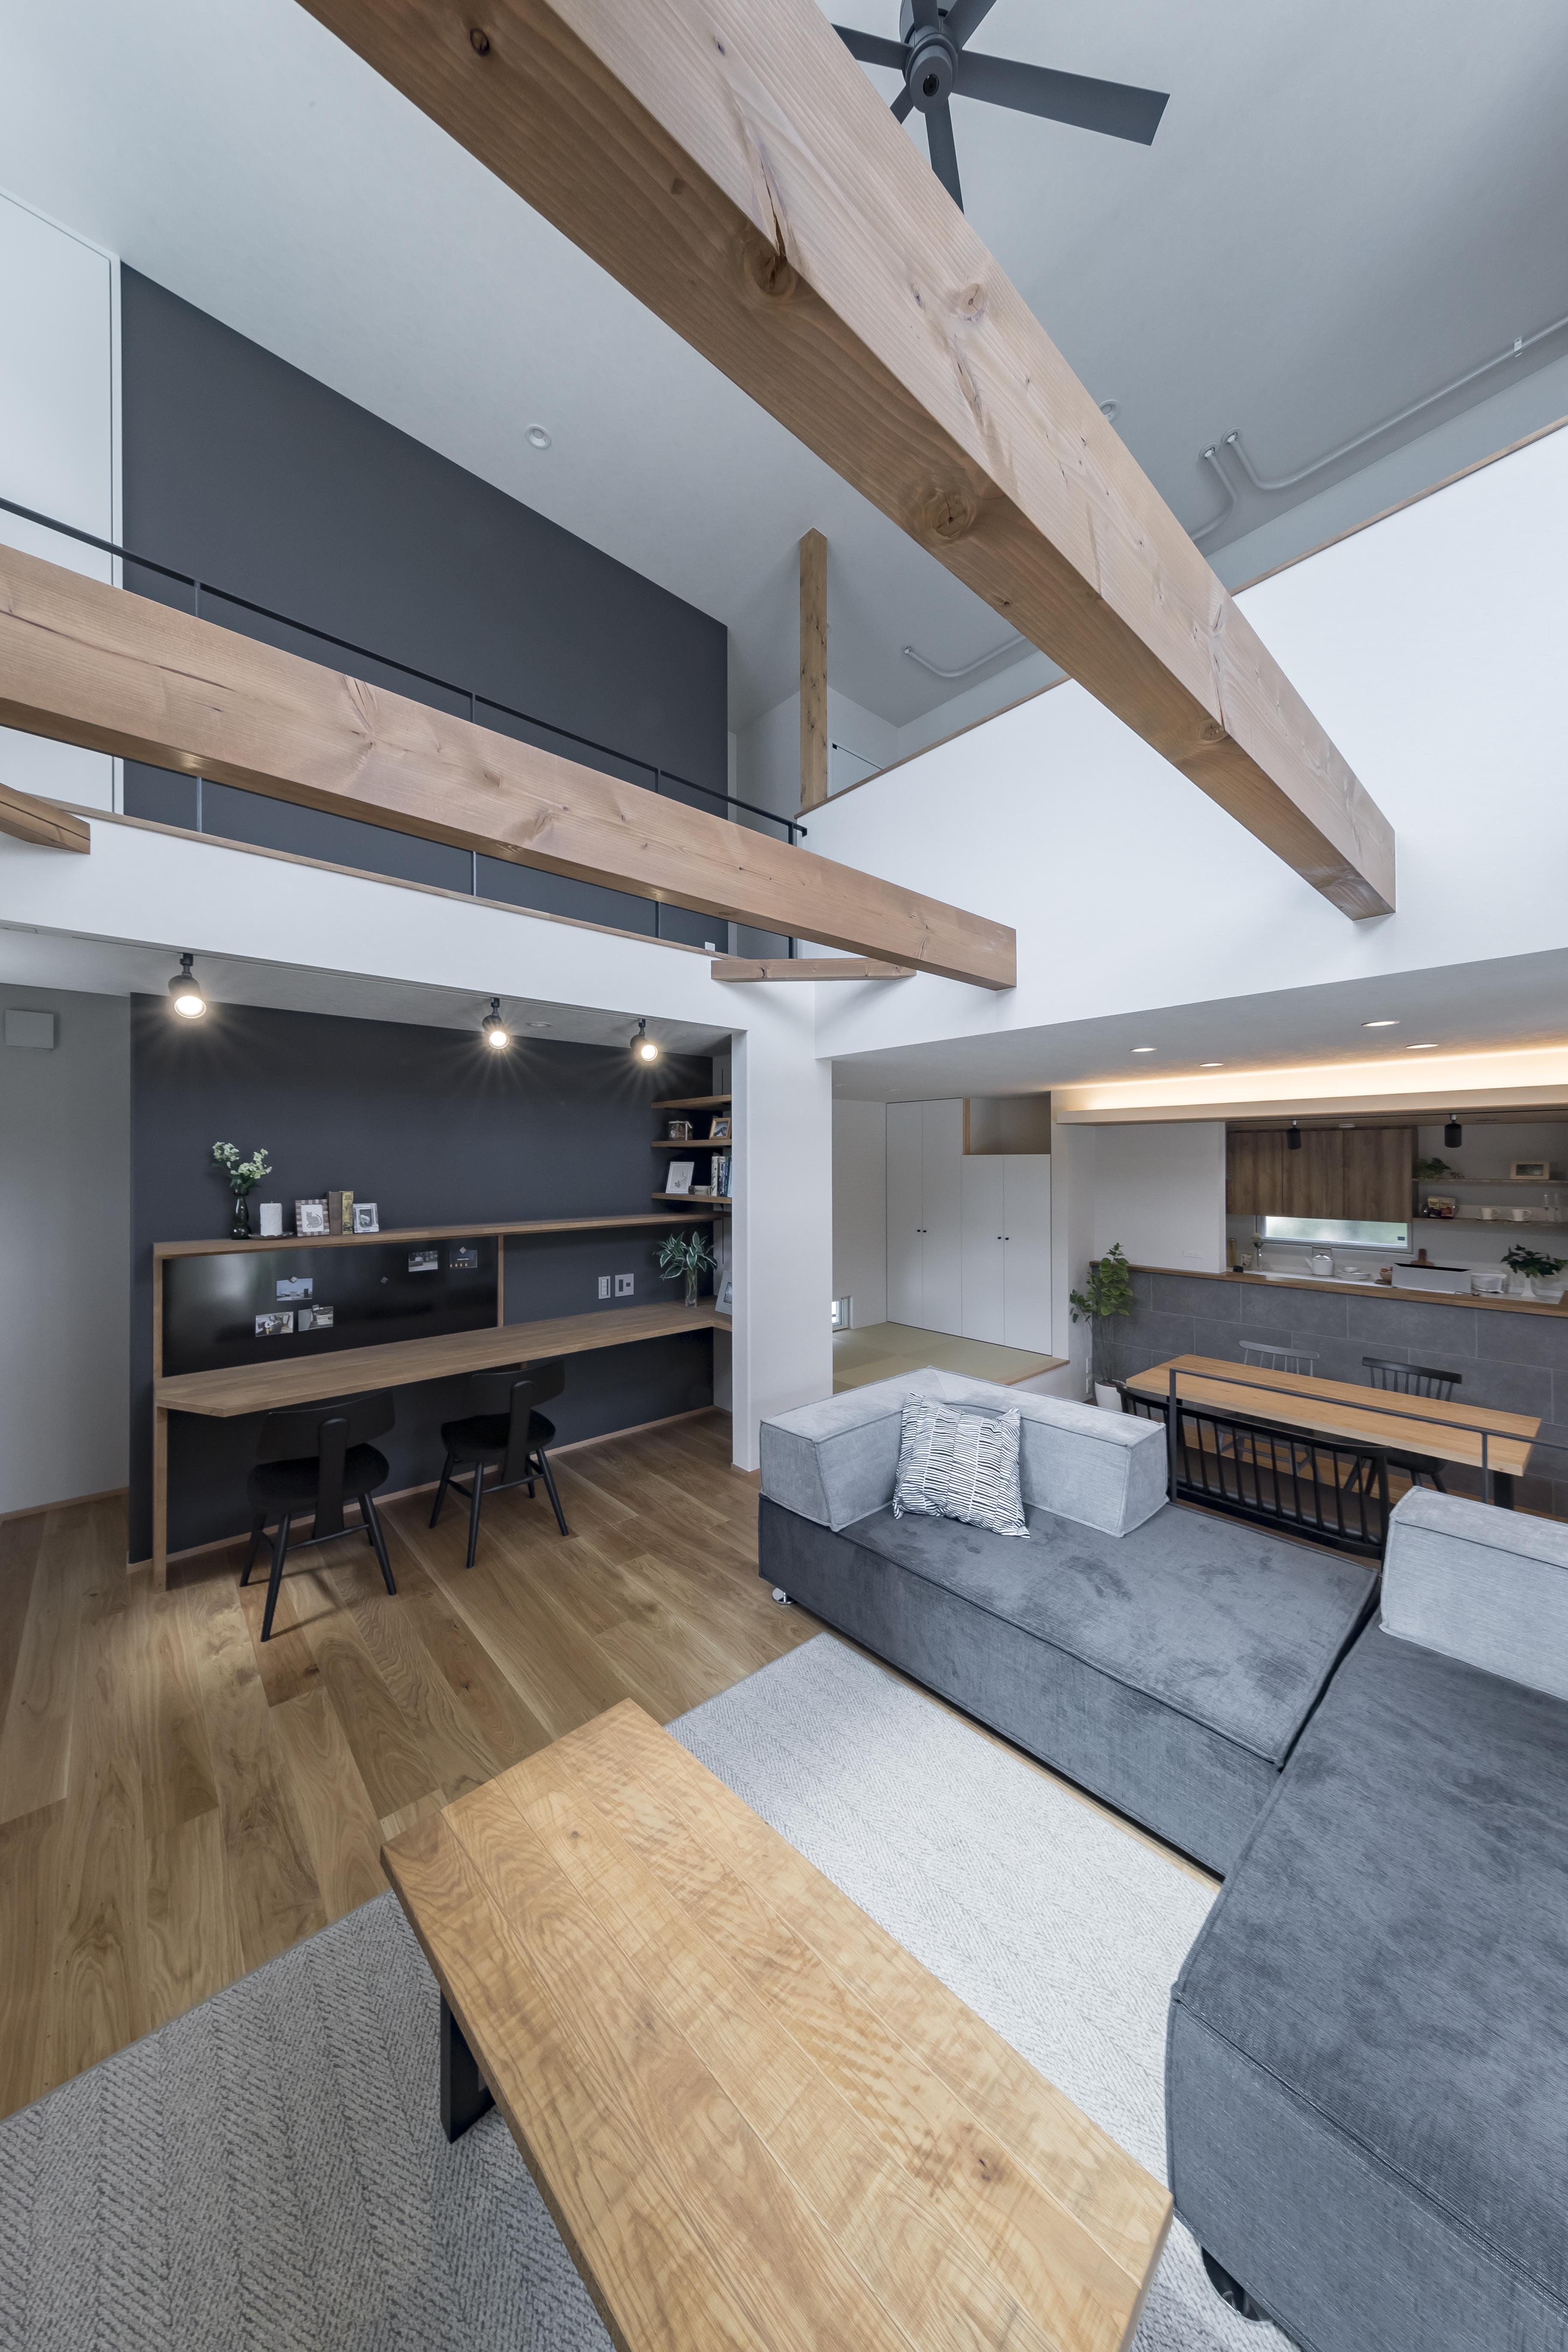 住生活で快適な空間とは…?